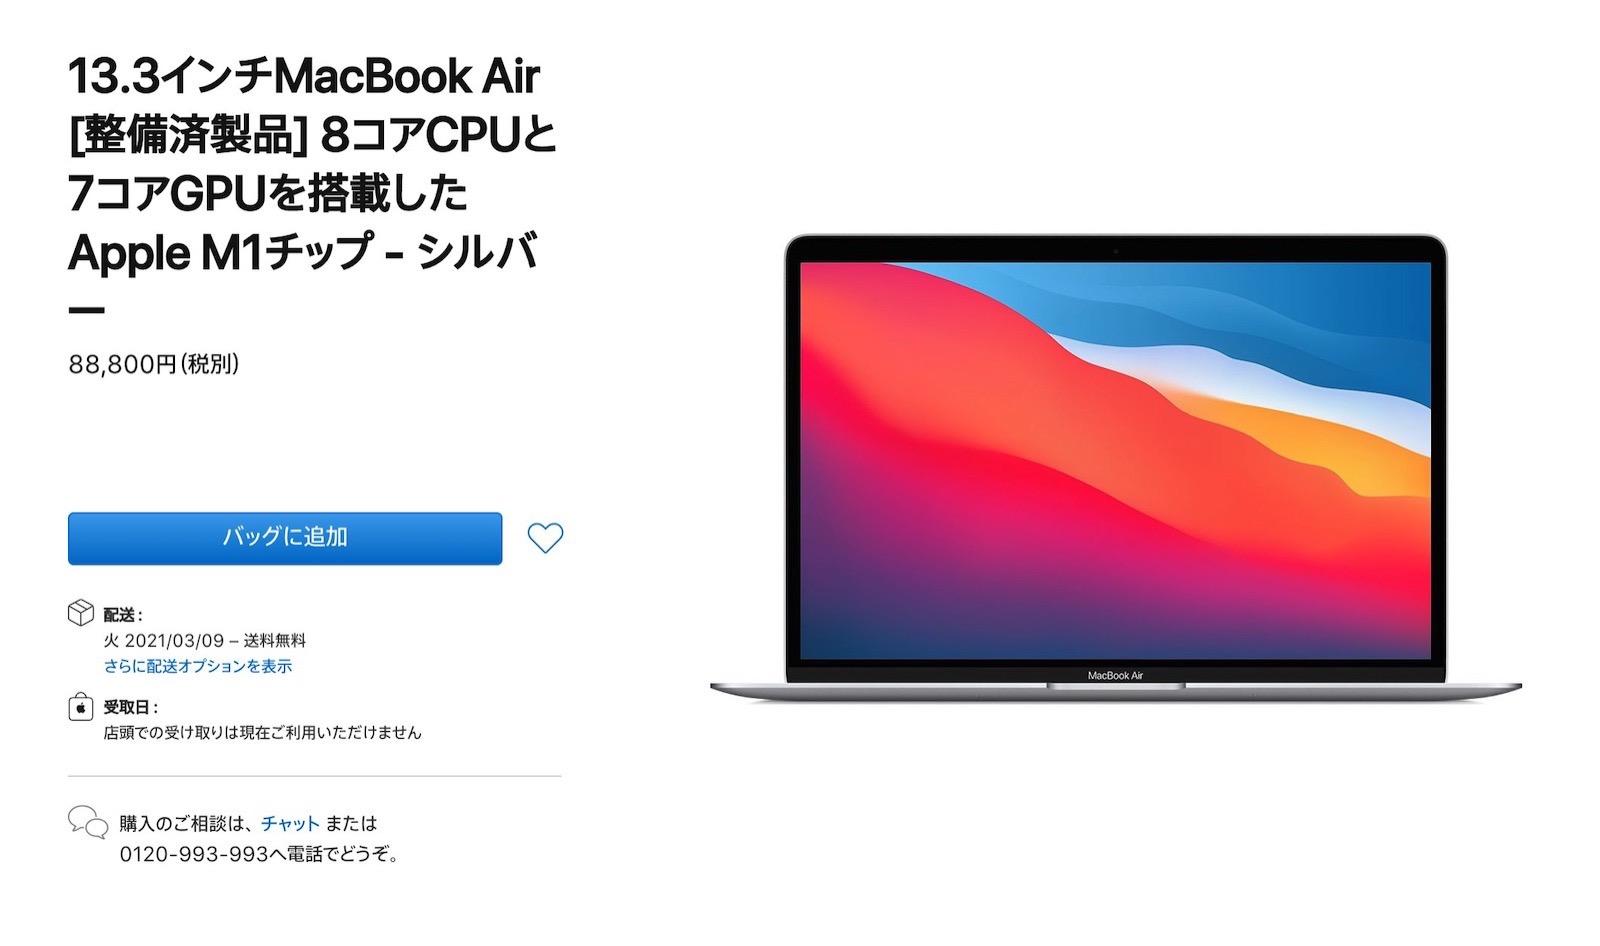 M1 macbook air refurbished